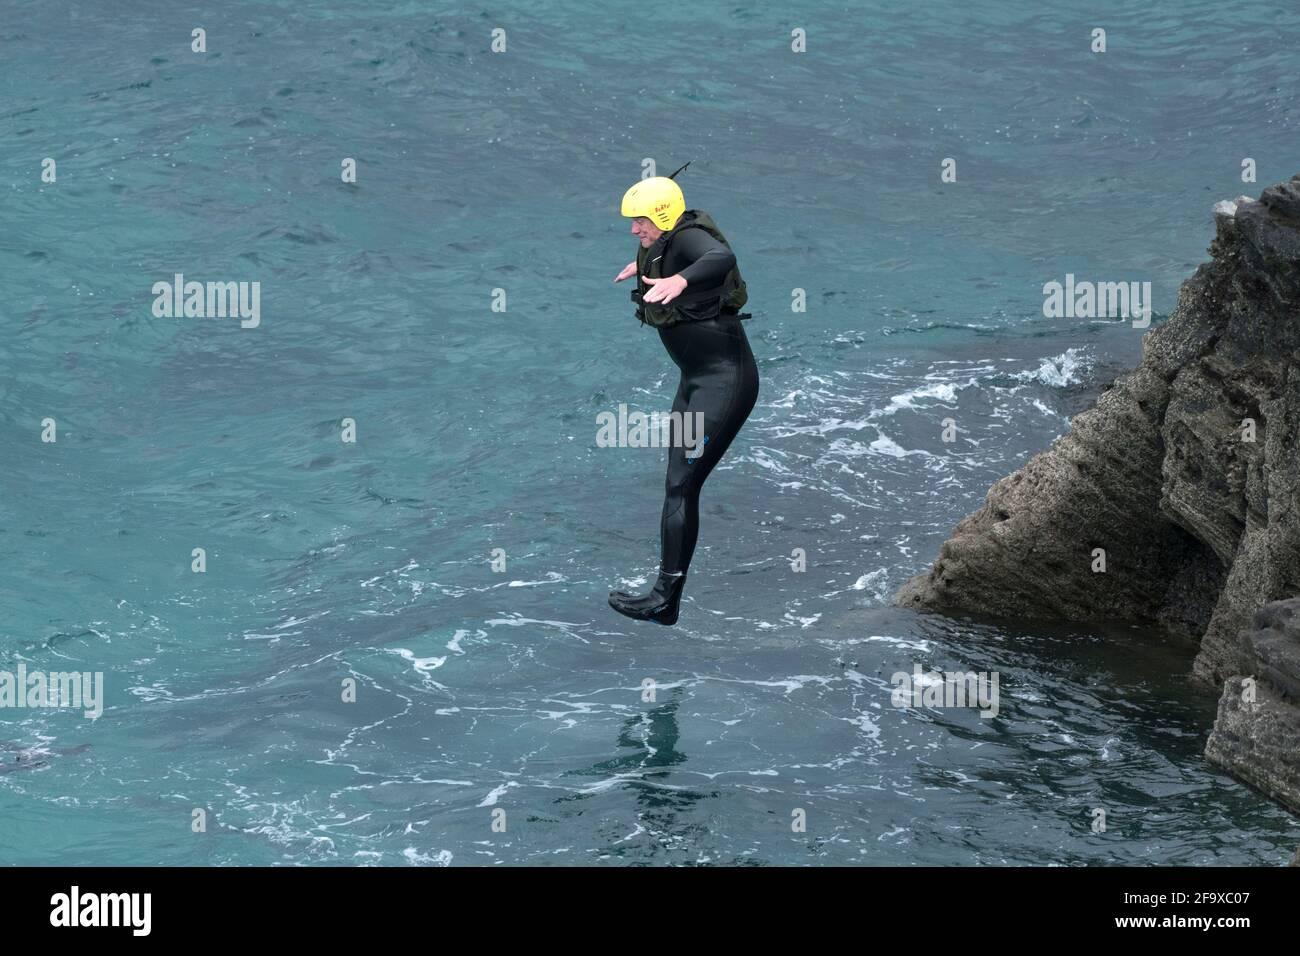 Un holographe de codirection sautant dans la mer depuis les rochers lors d'un voyage de codirection autour de Towan Head à Newquay, dans les Cornouailles. Banque D'Images